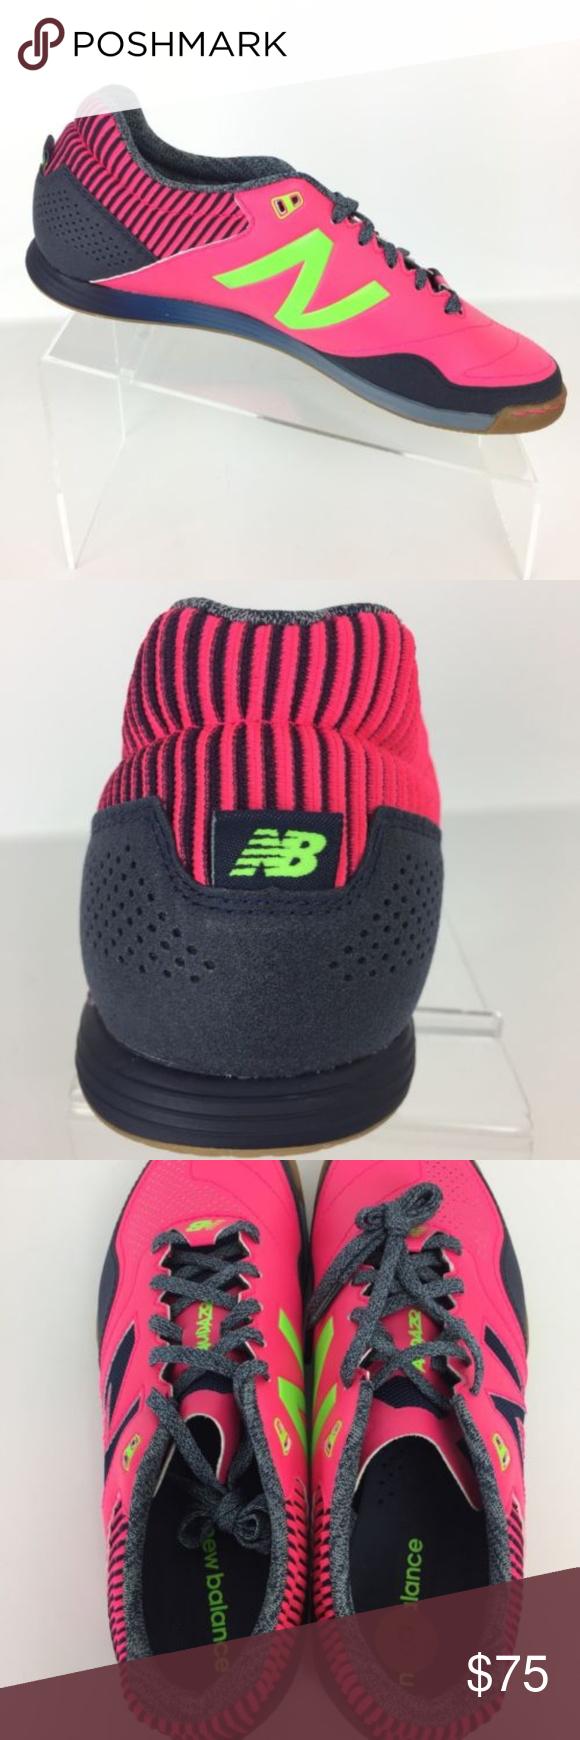 3c8c5a3c New Balance Men's Audazo 2.0 Pro Soccer Shoes New Balance Men's ...